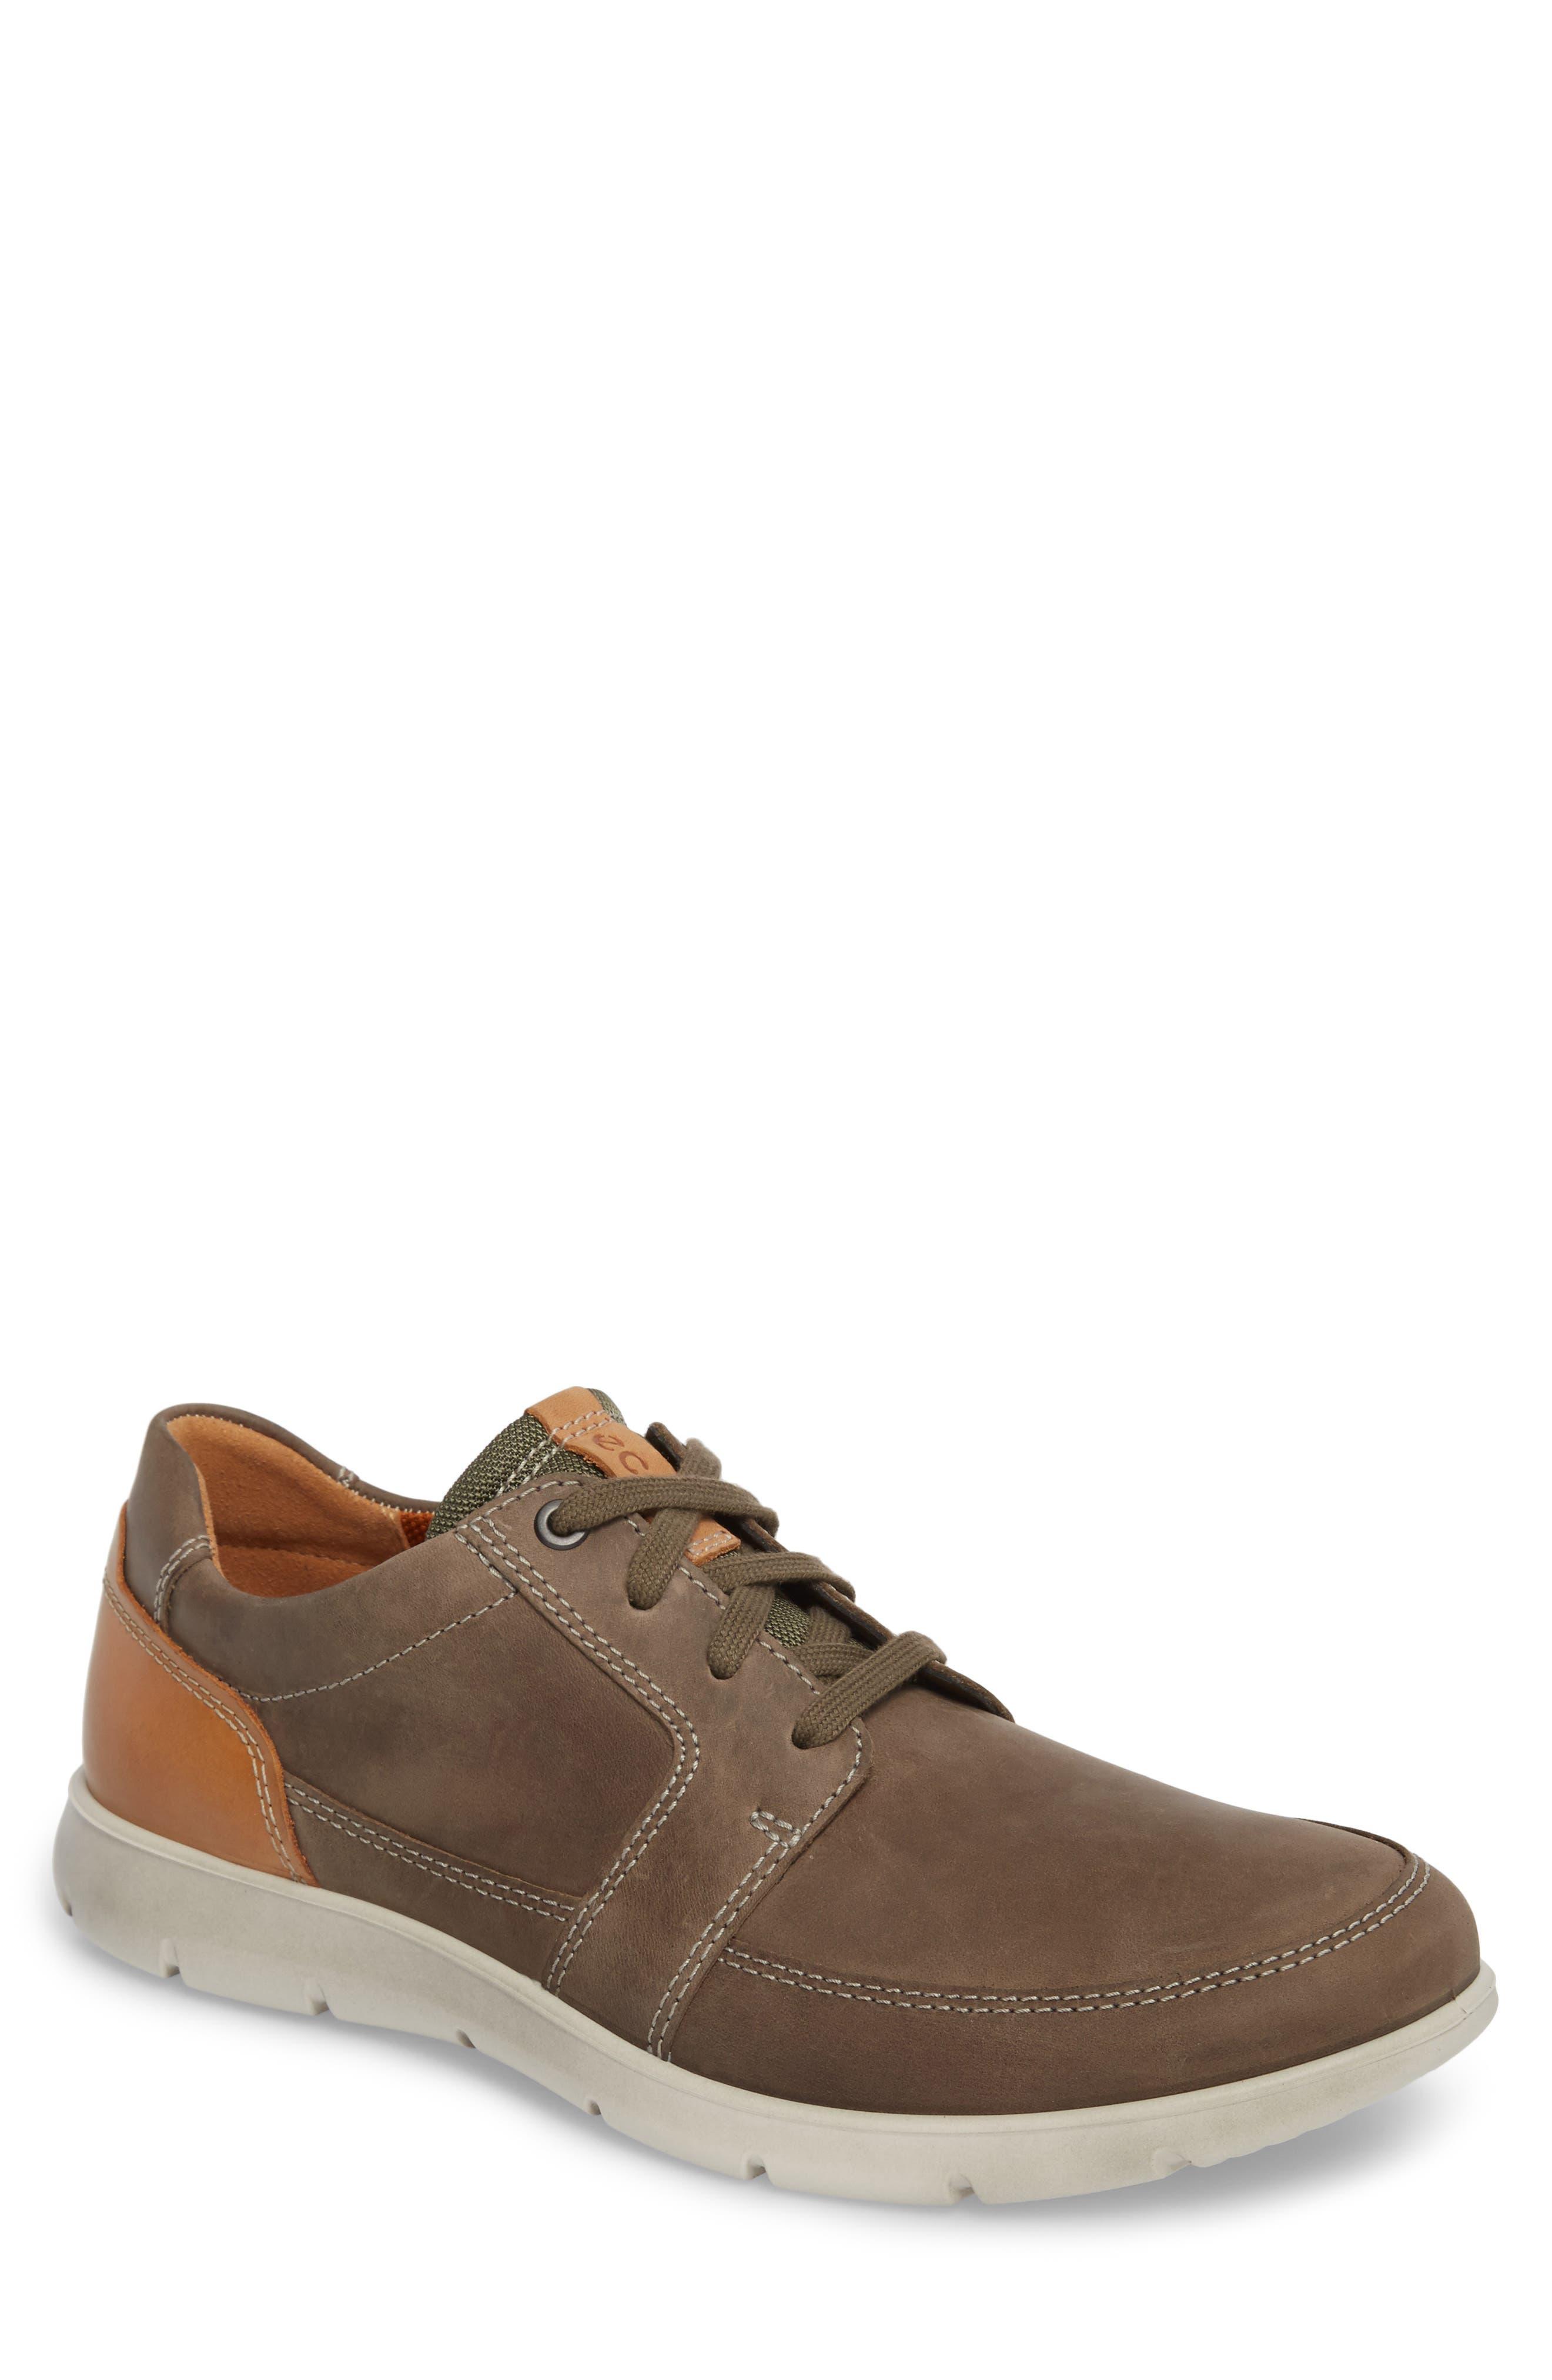 Alternate Image 1 Selected - ECCO Iowa Casual Sneaker (Men)